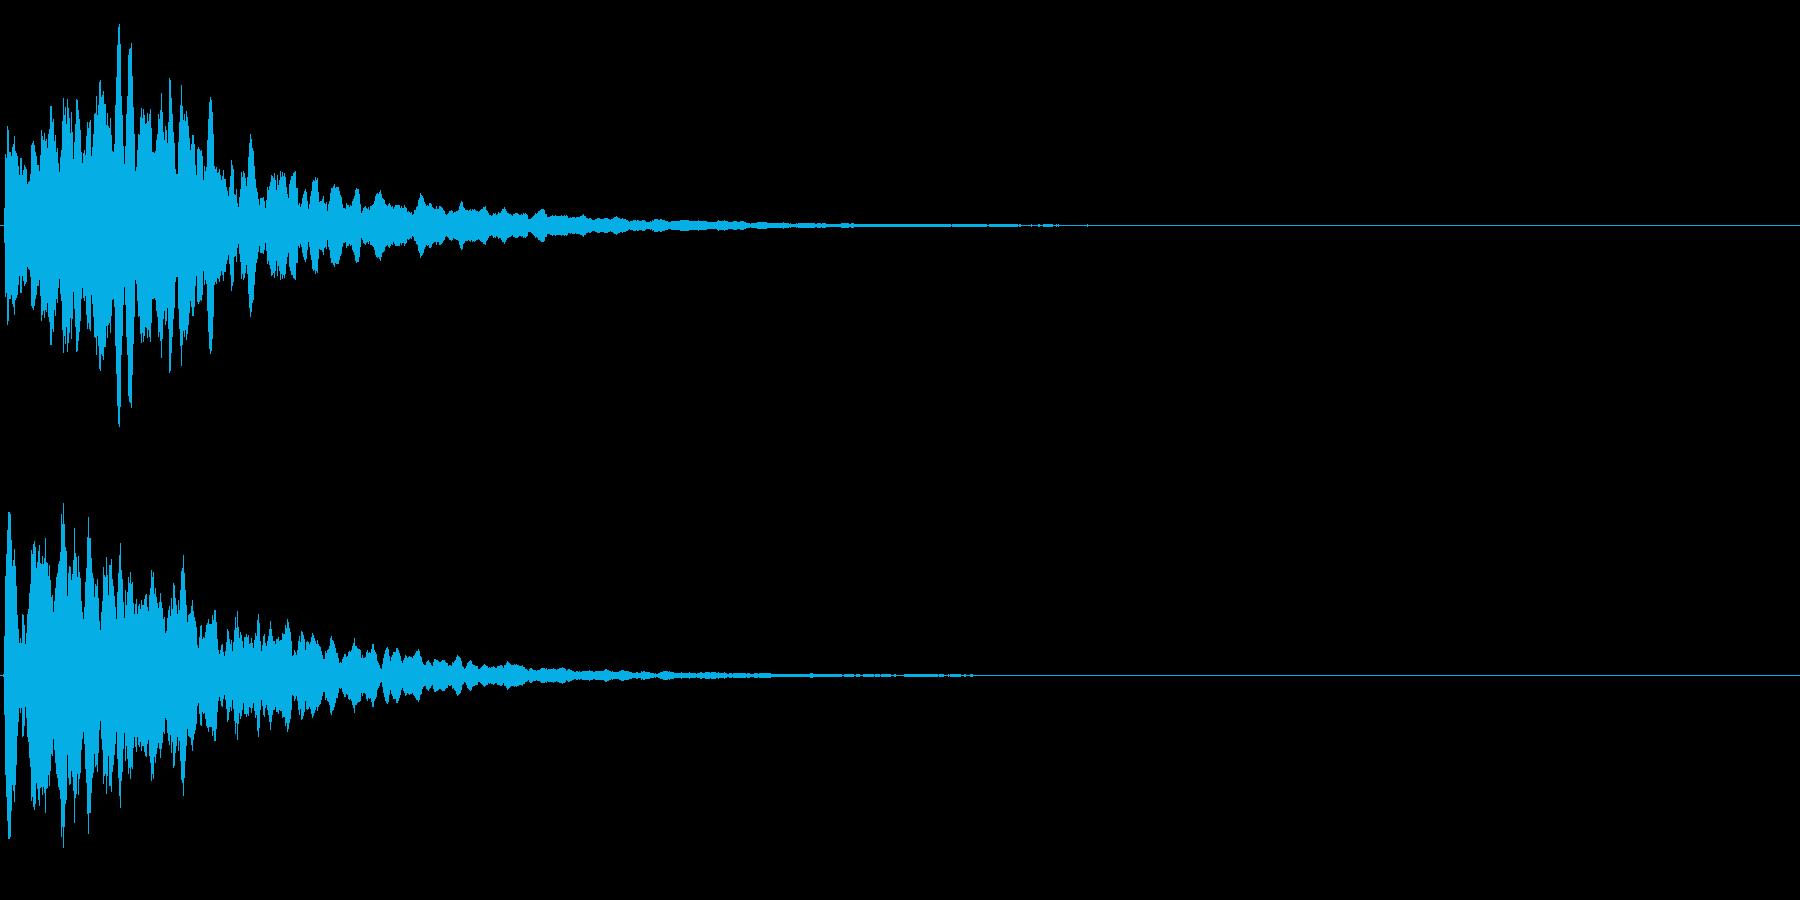 ゲームスタート、決定、ボタン音-116の再生済みの波形